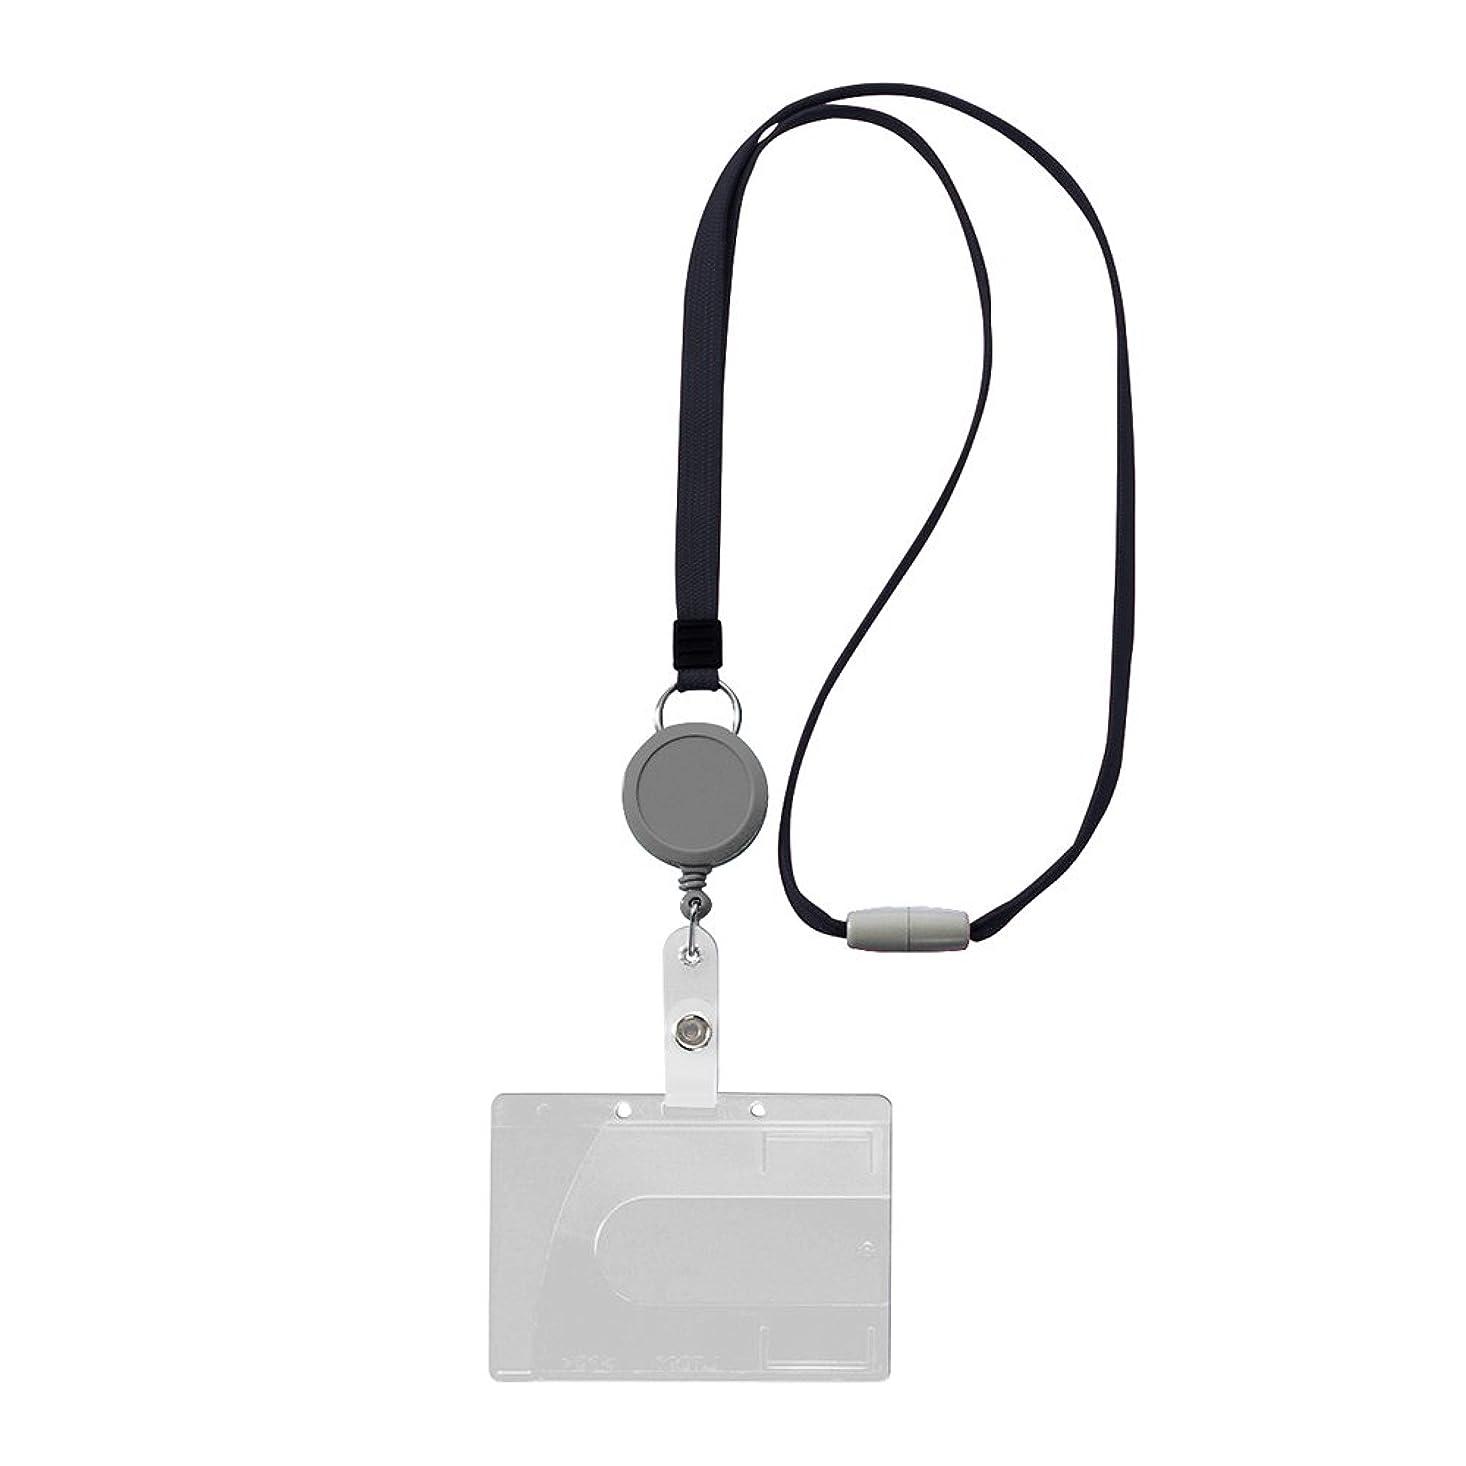 静かに静かにベストライオン事務器 名札 つりさげIDカード用 ハード リール付 N-200SR-BK ブラック